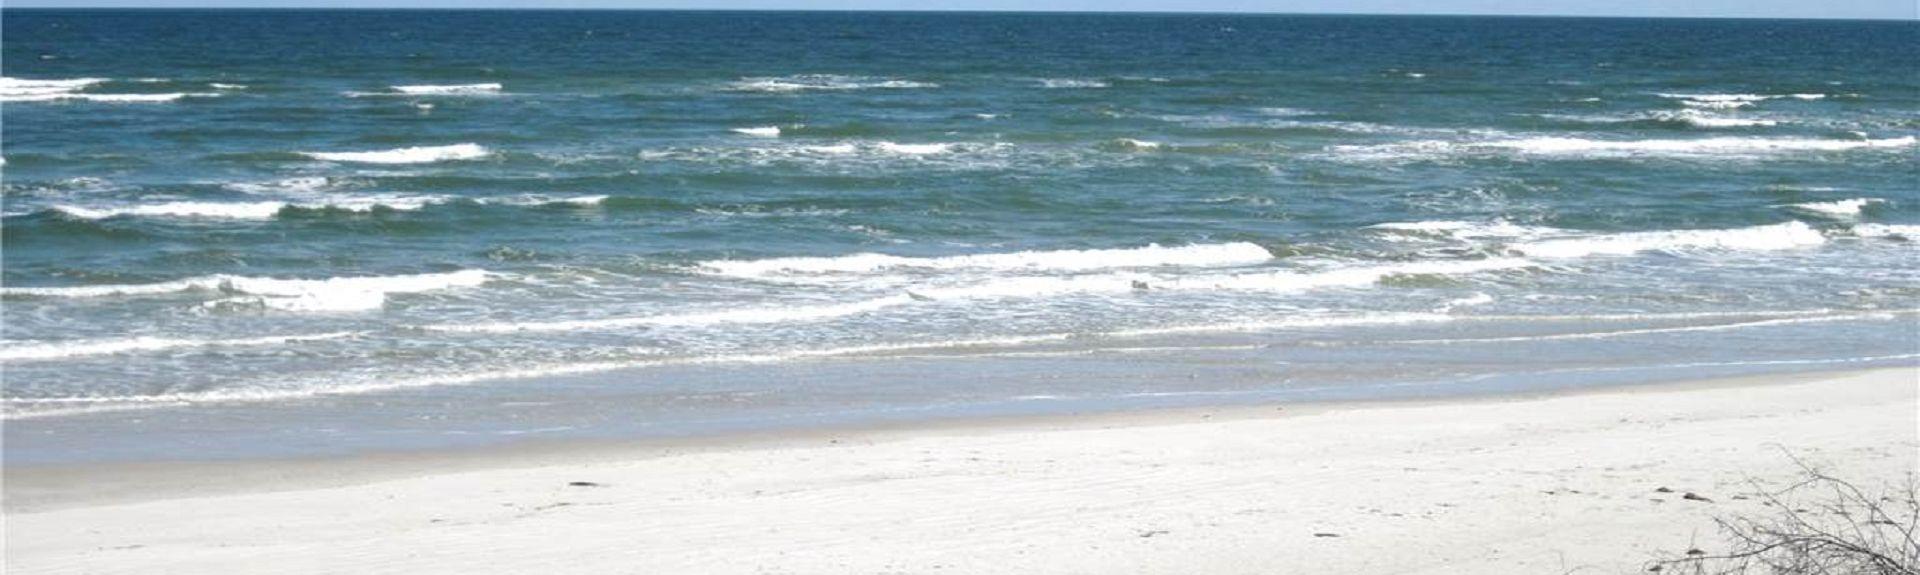 Sunglow, Daytona Beach Shores, FL, USA